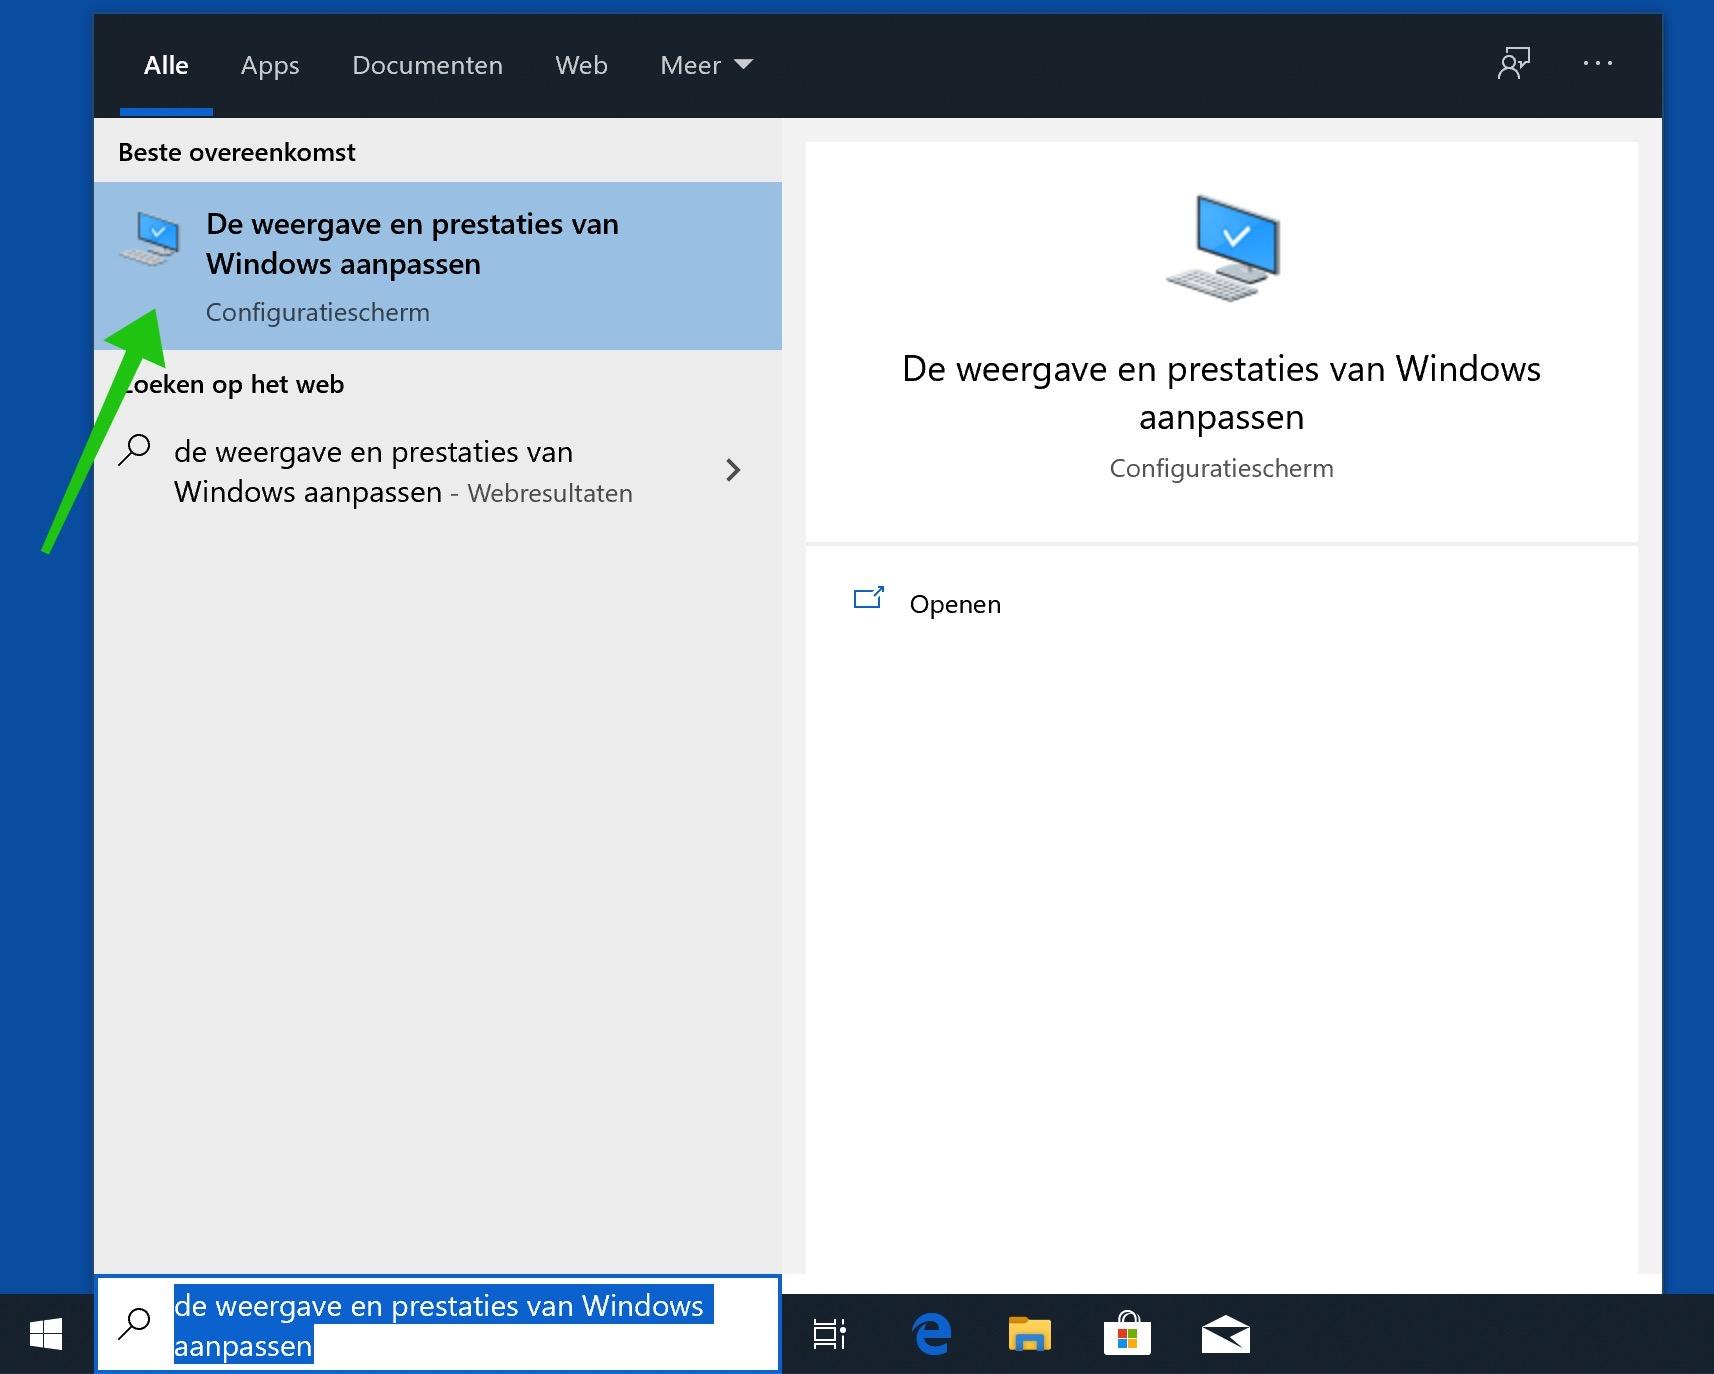 de weergave en prestaties van Windows aanpassen